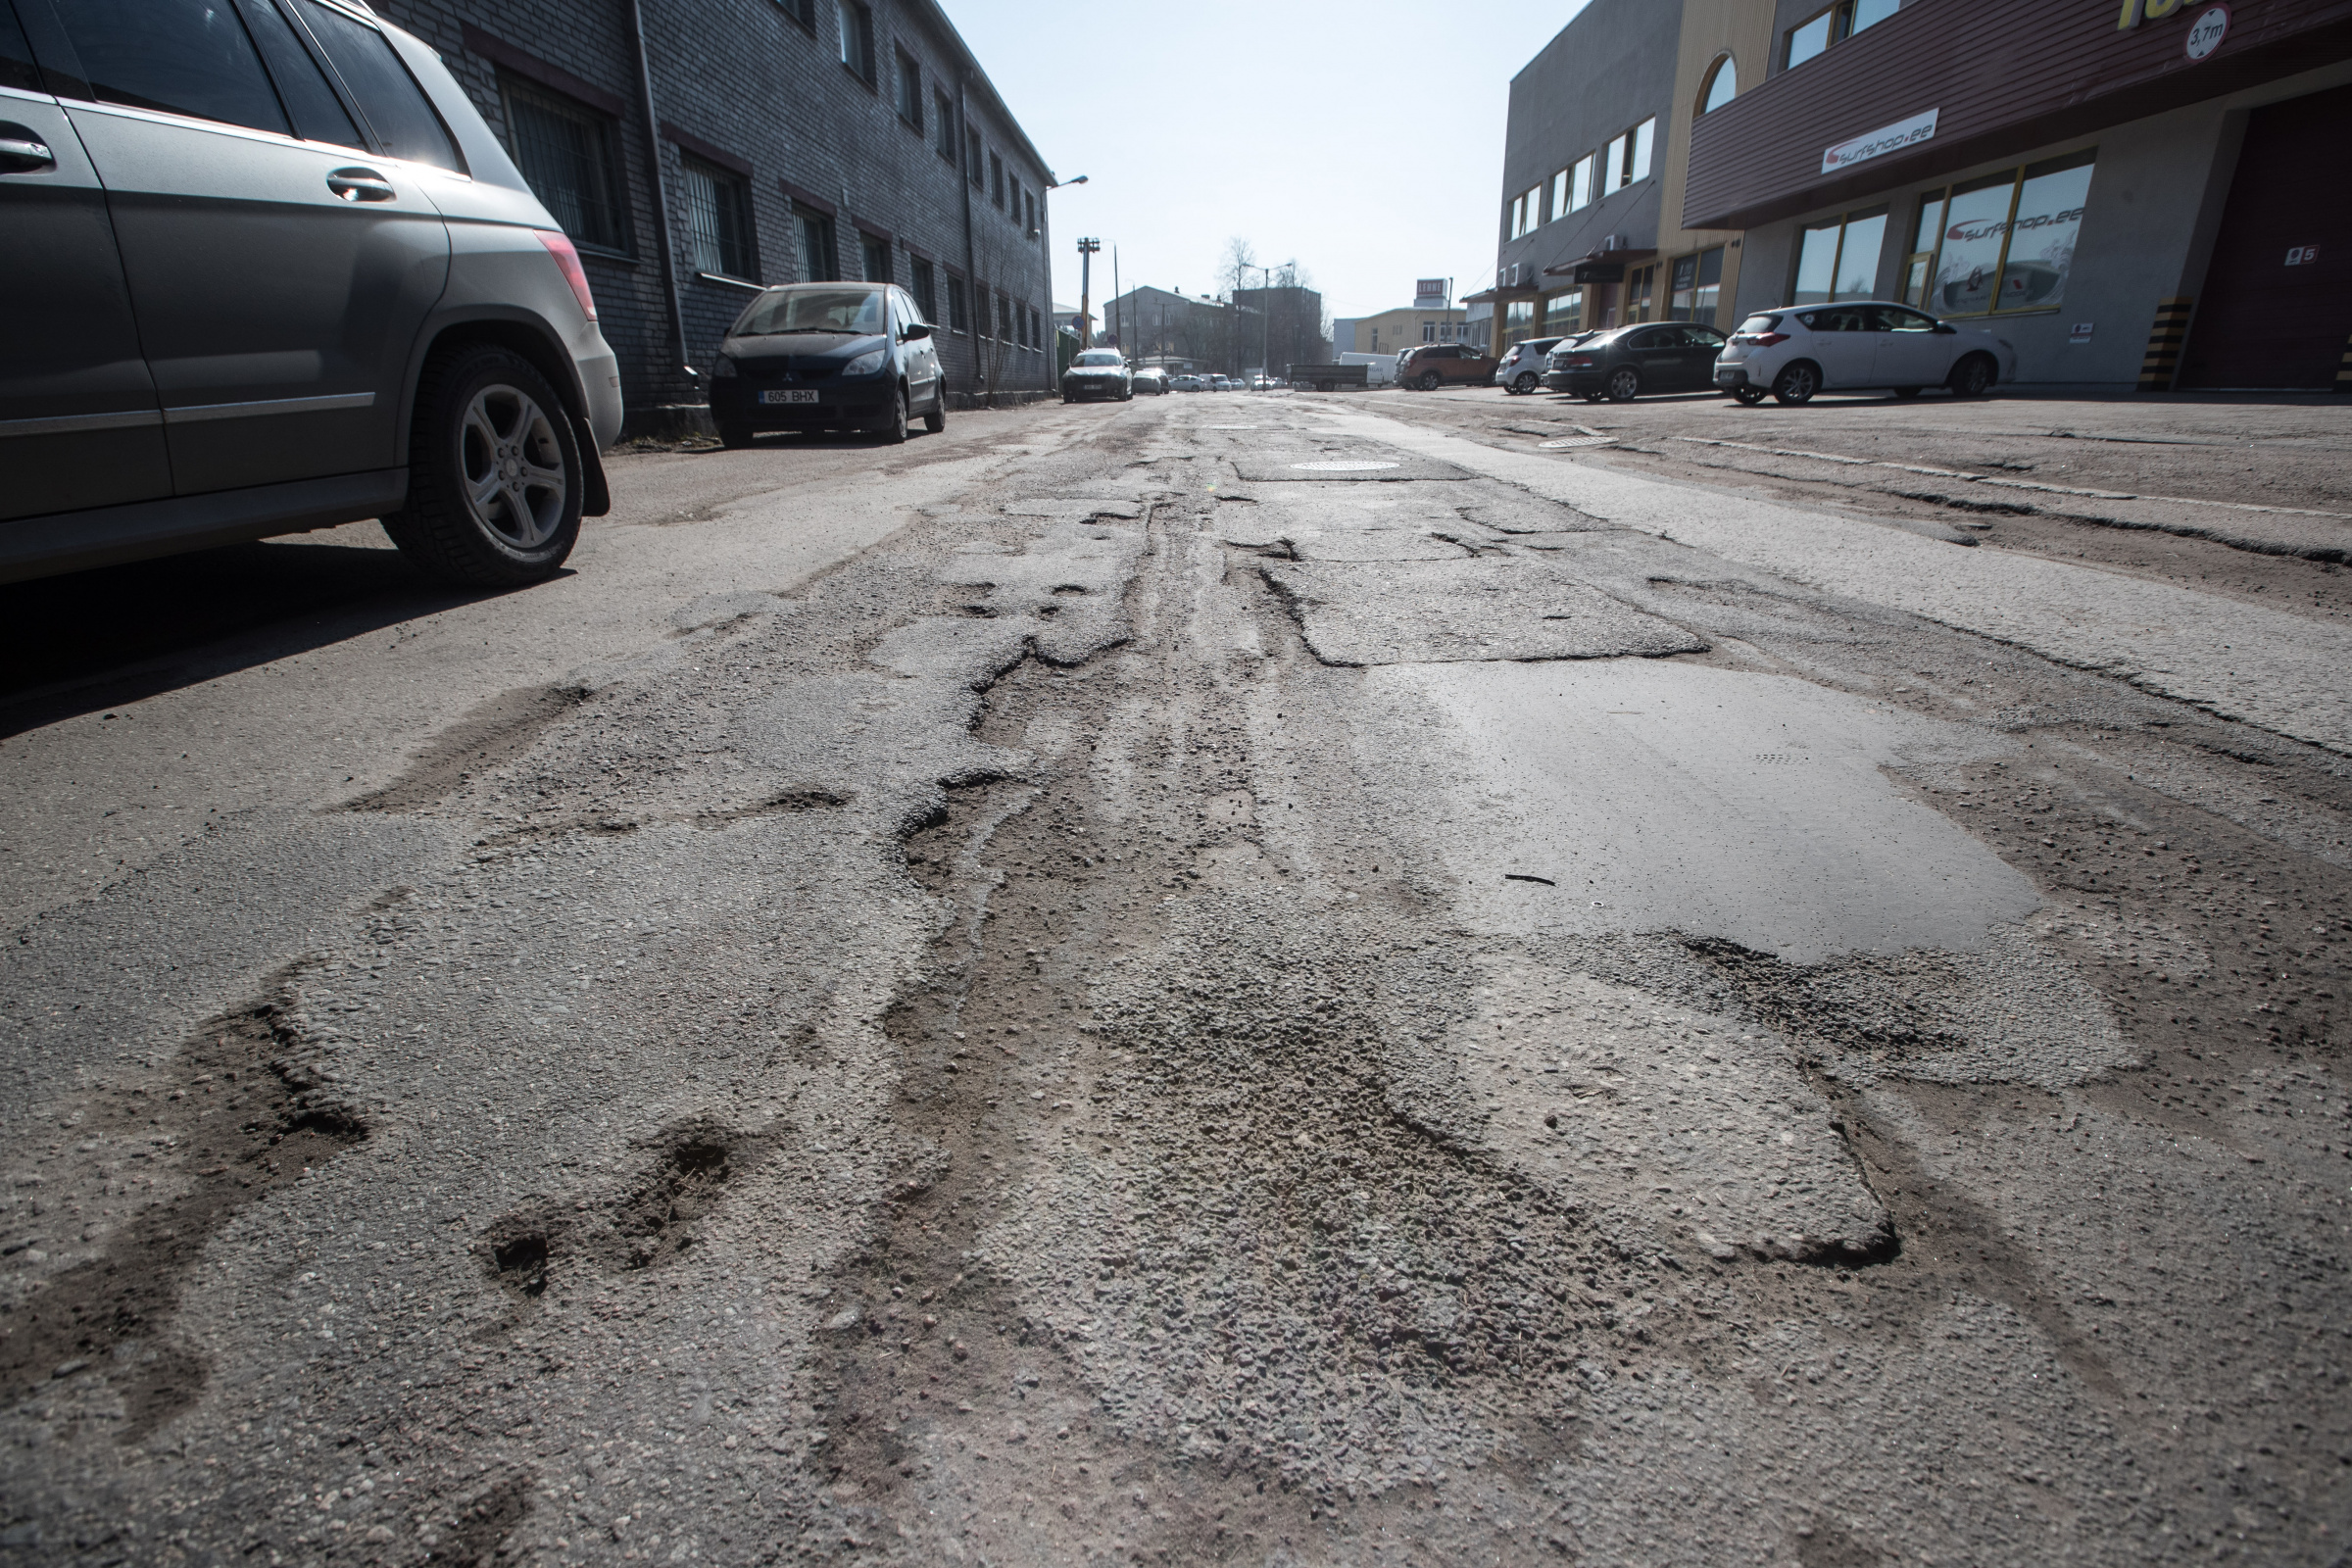 Kevad on teedel paljastanud ohtlikud löökaugud: mida teha, kui mõni neist su auto ära lõhub?